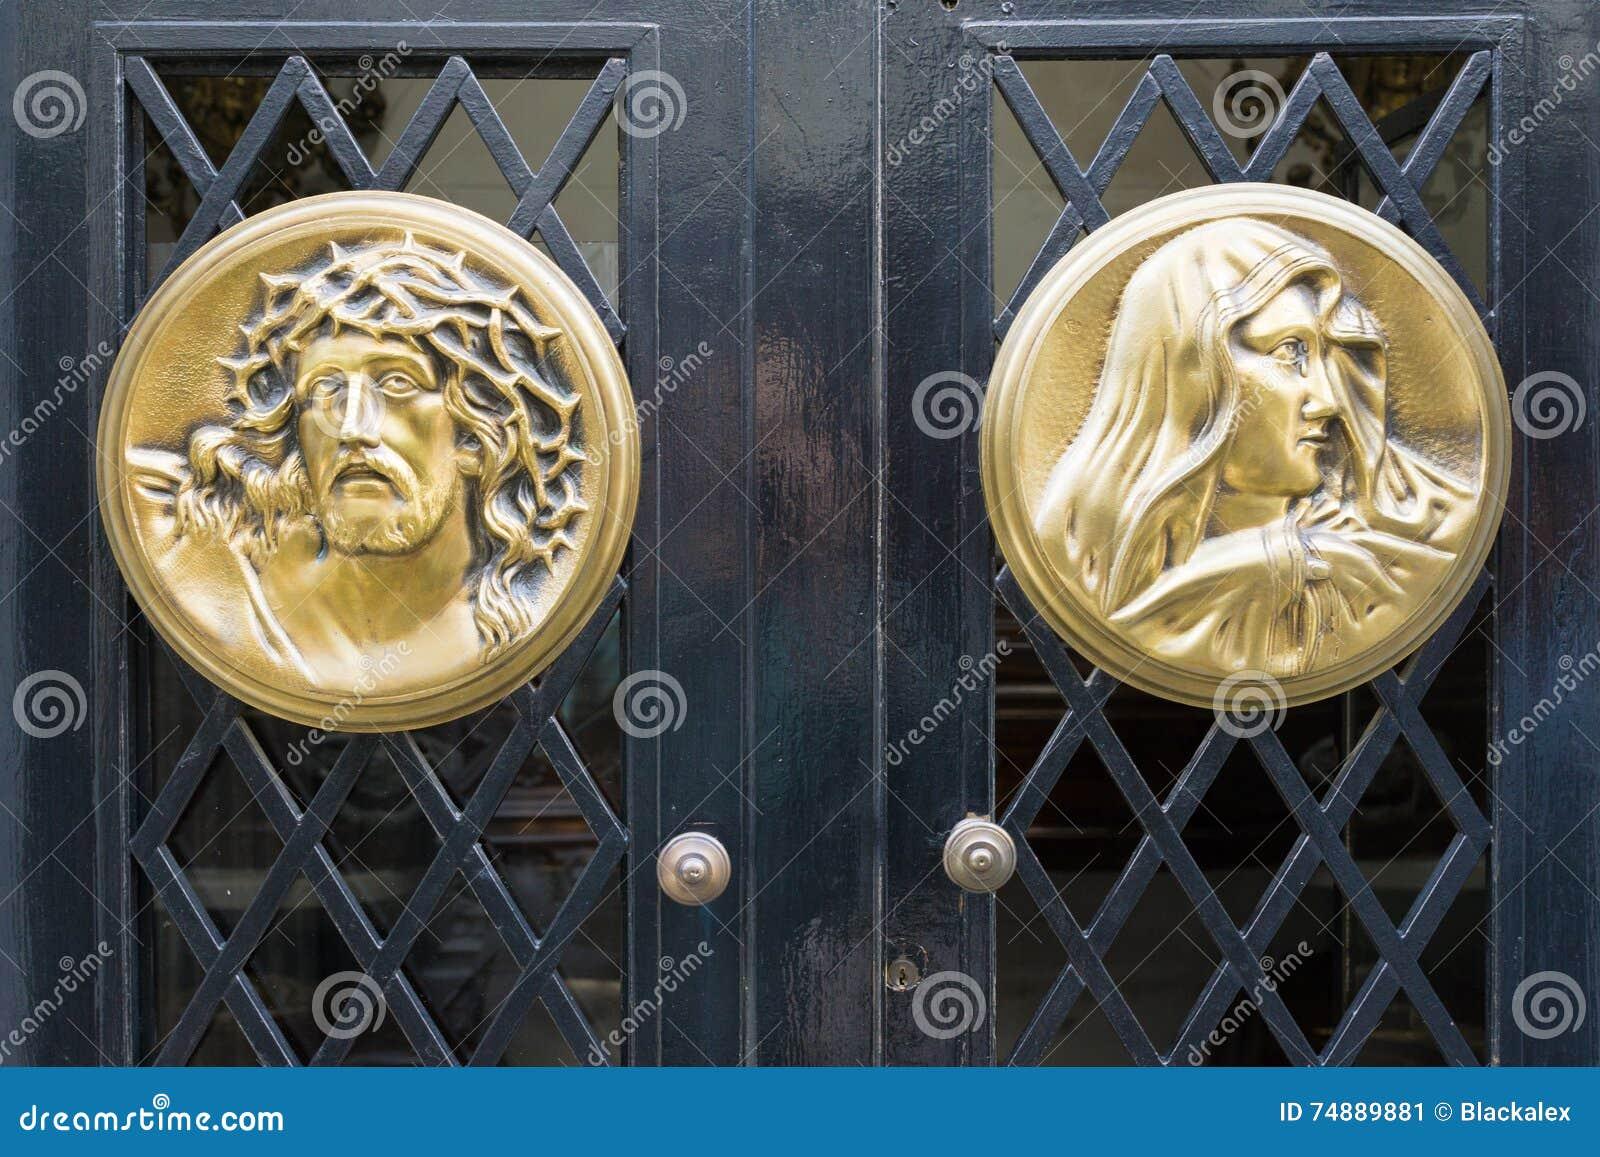 Jésus et Vierge Marie fait face découpé en métal